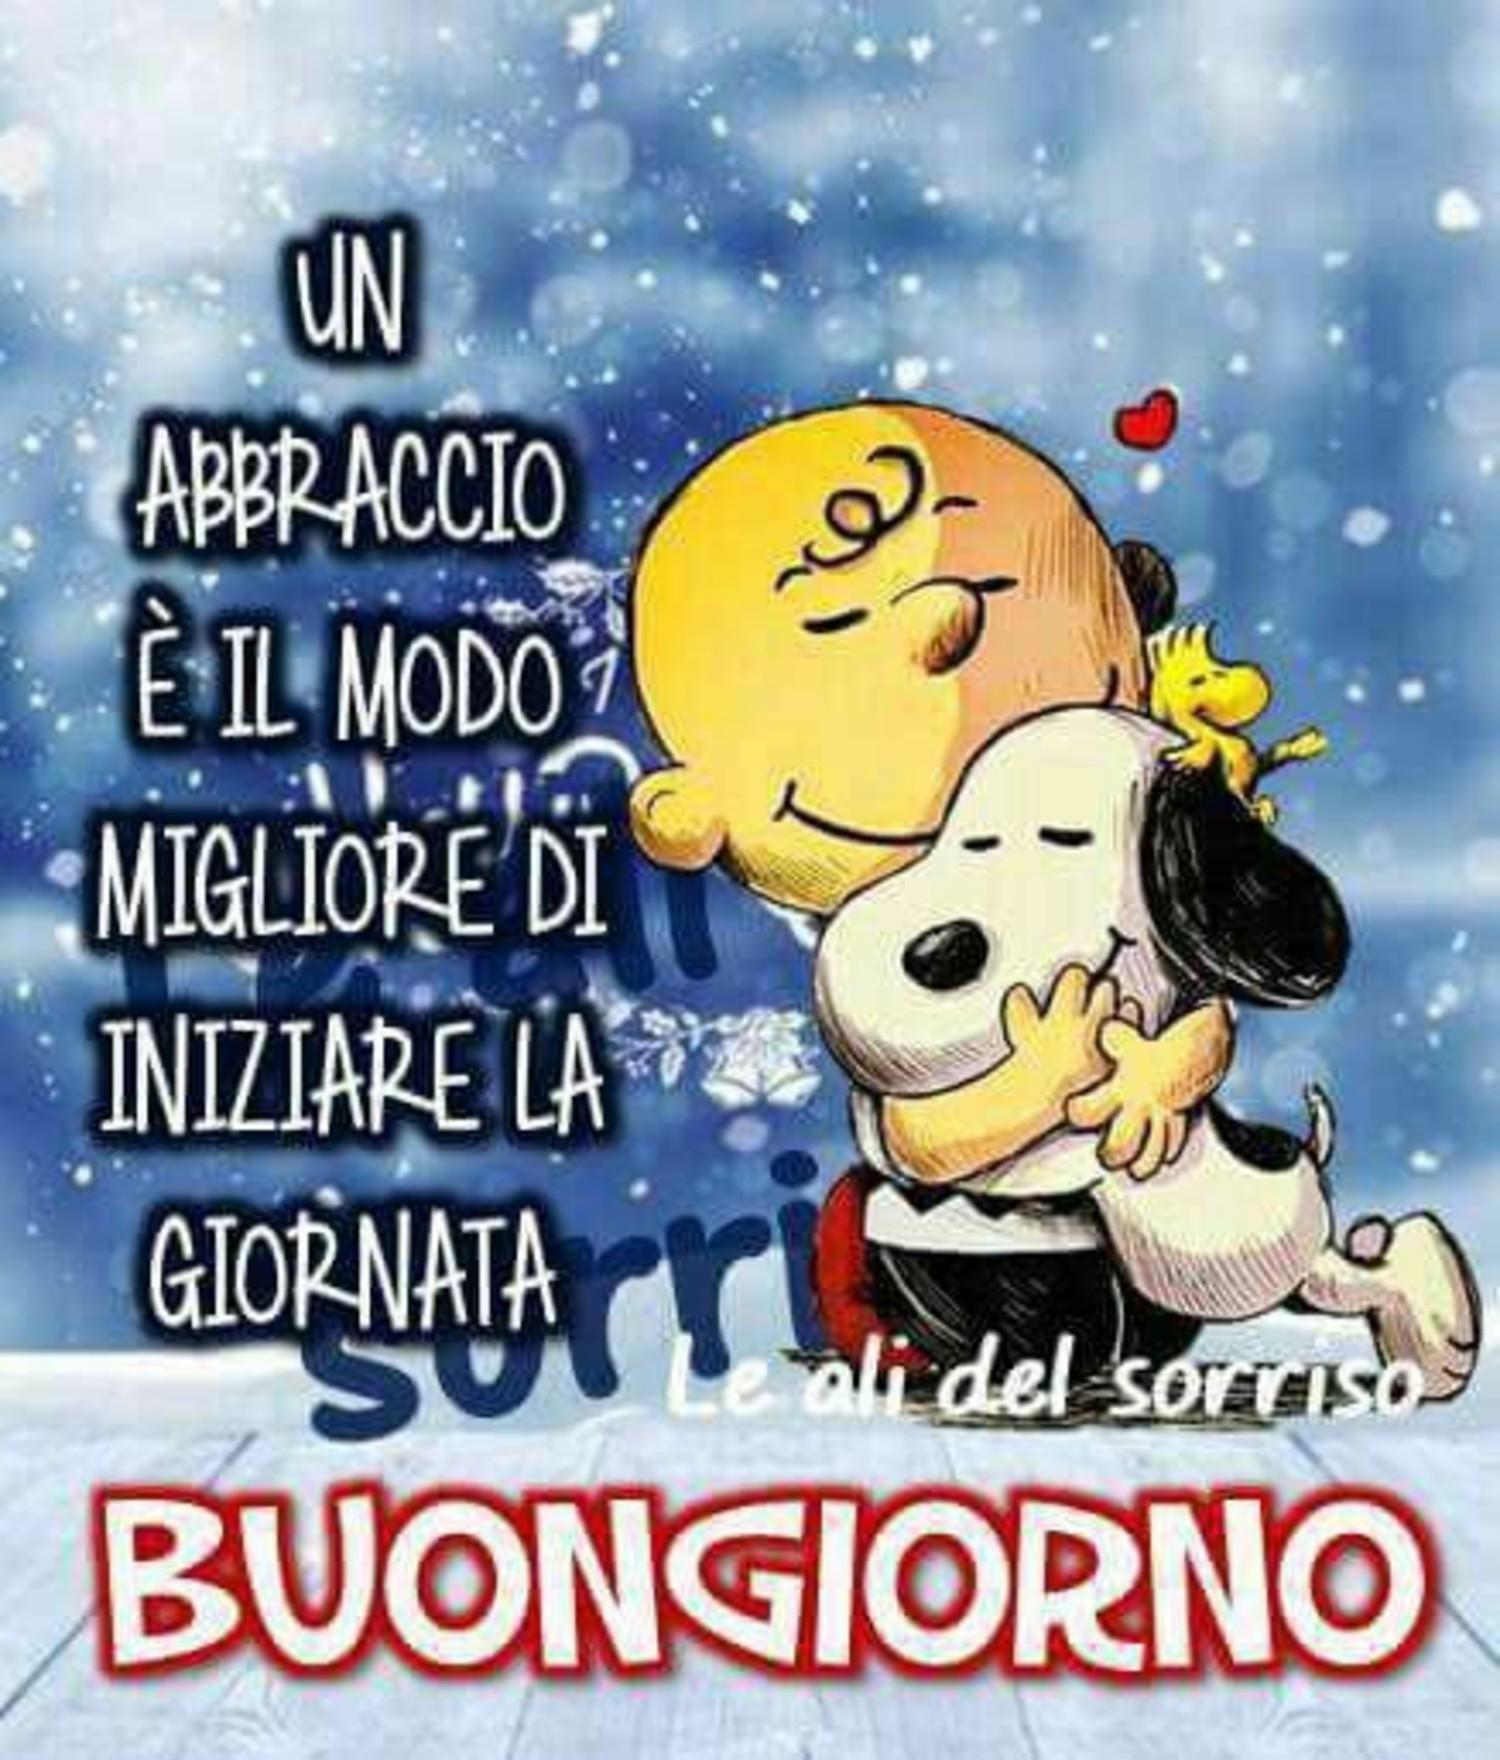 Buona Giornata Inverno Snoopy Buongiorno Immagini It